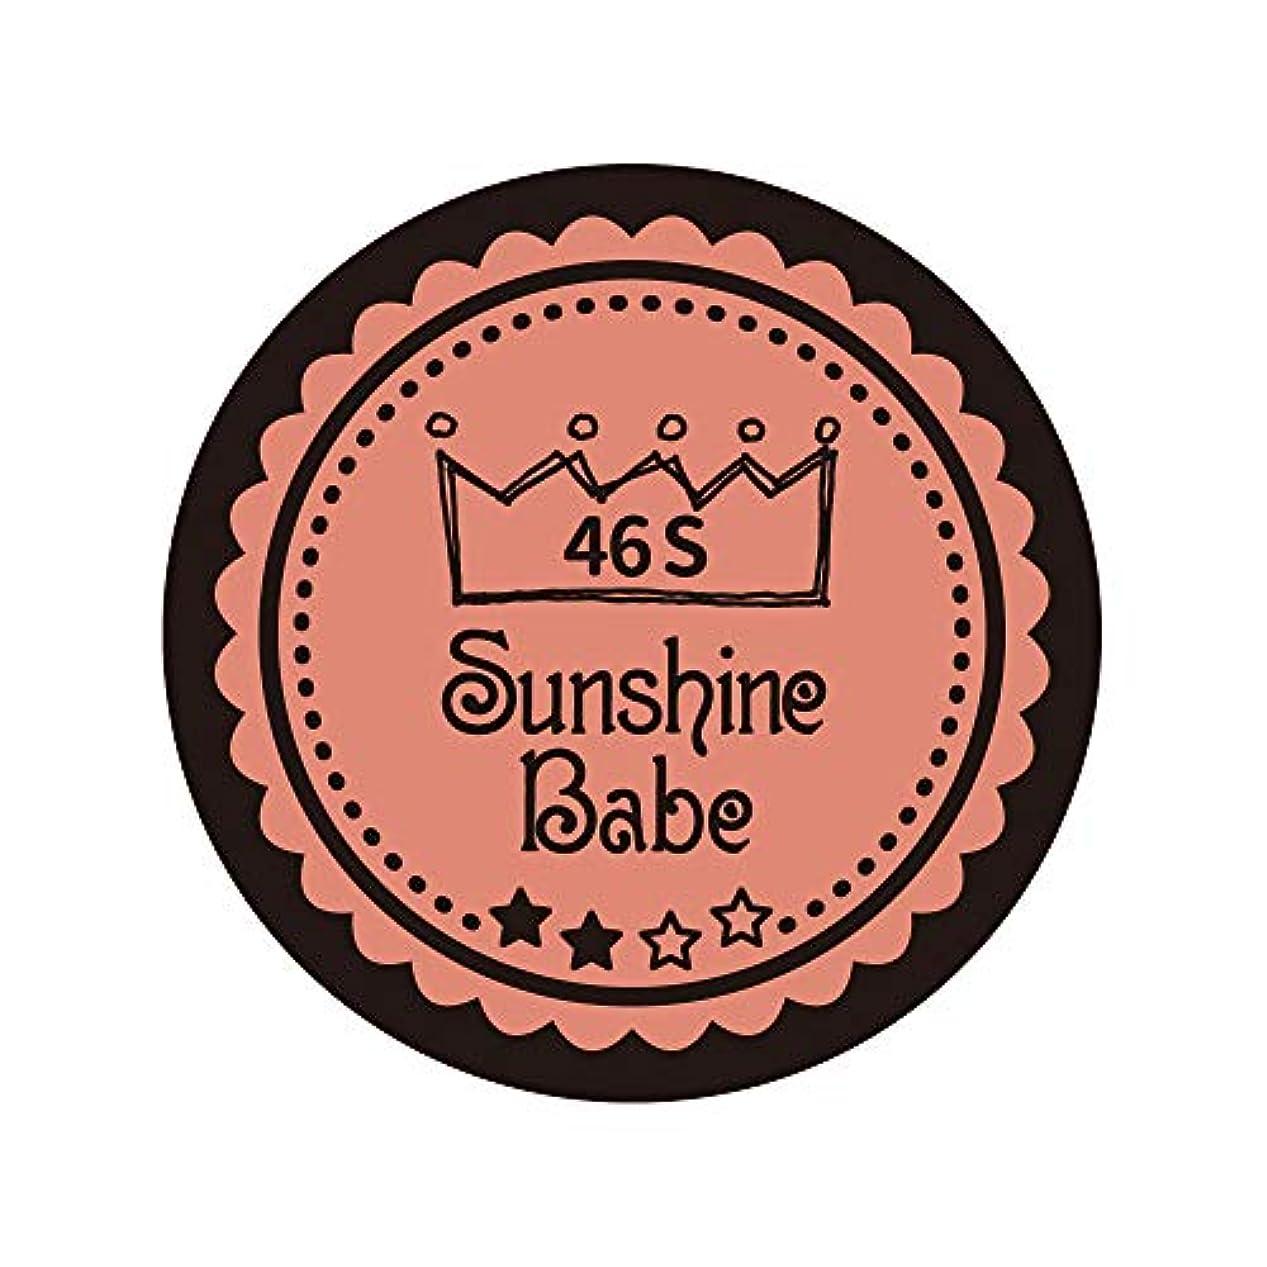 イベント交渉するアジテーションSunshine Babe カラージェル 46S ピンクベージュ 2.7g UV/LED対応